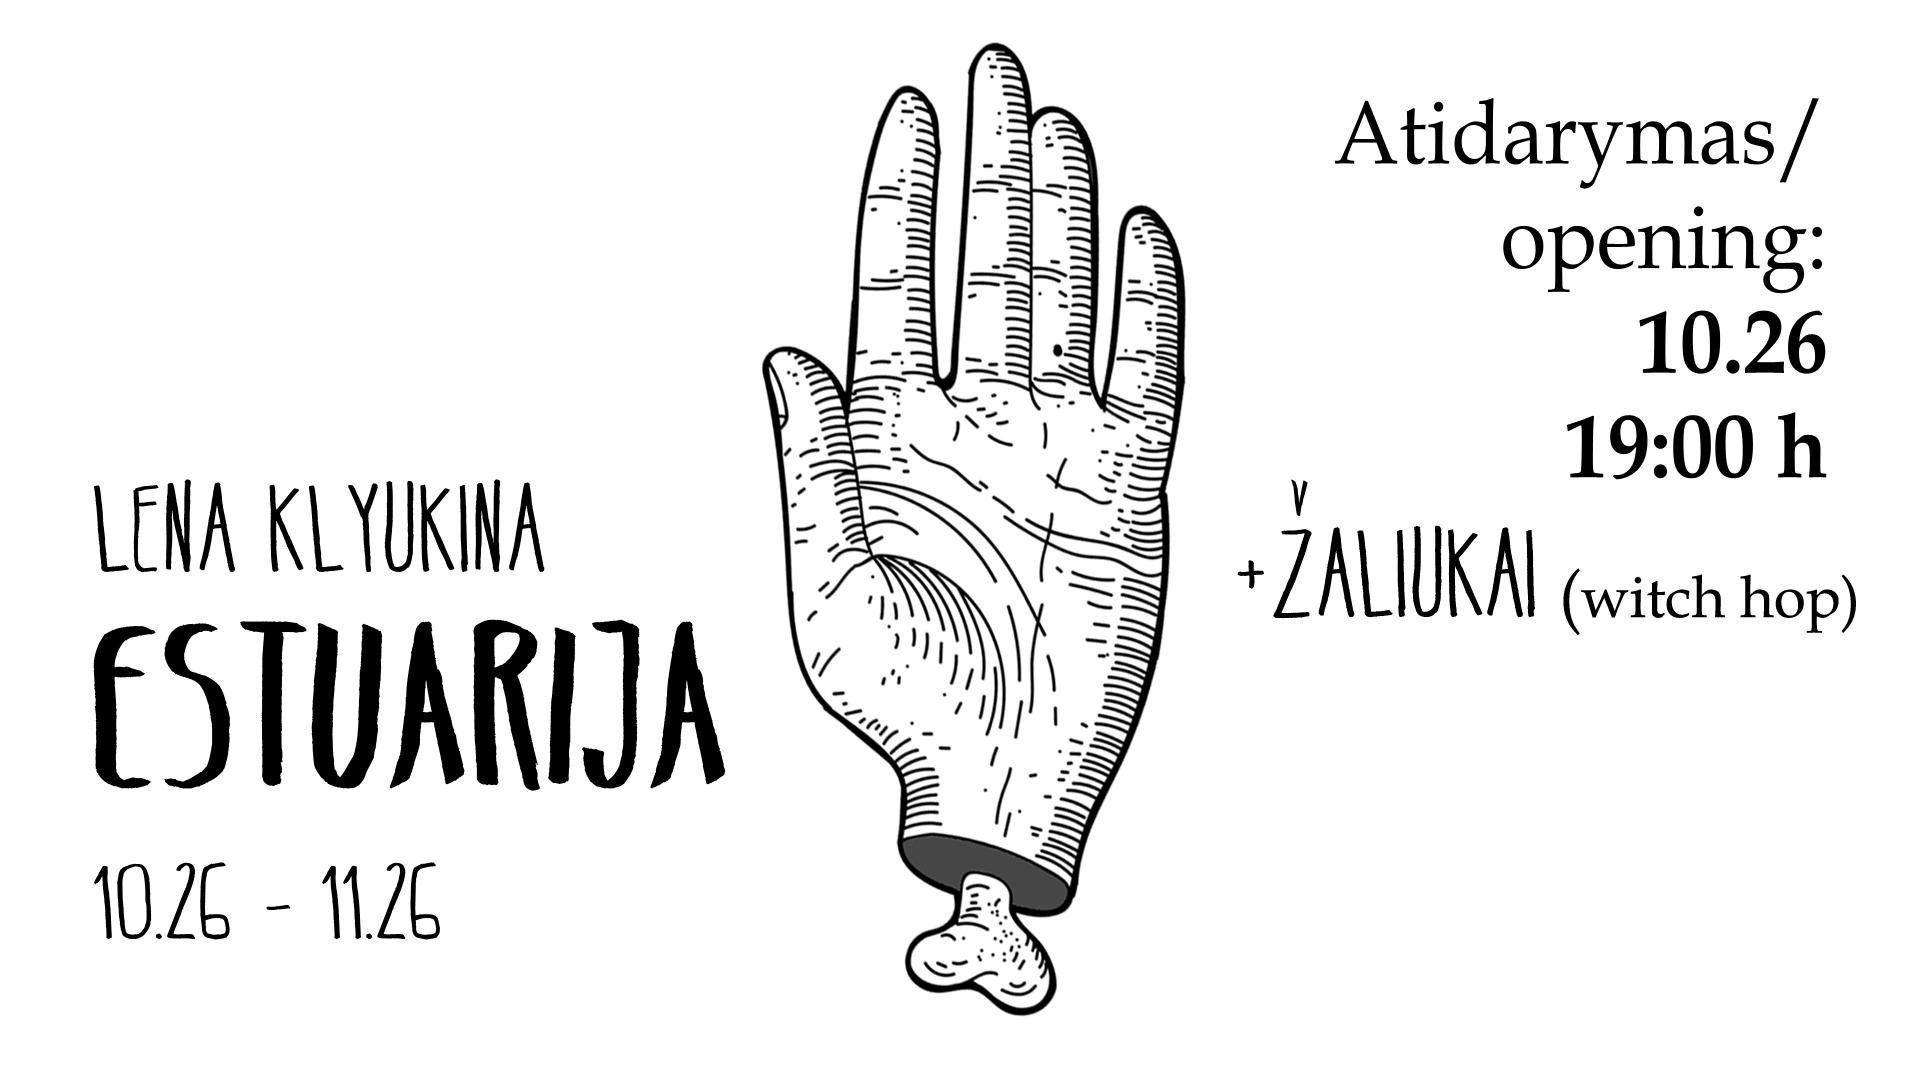 Lena Klyukina - Estuary exhibition opening